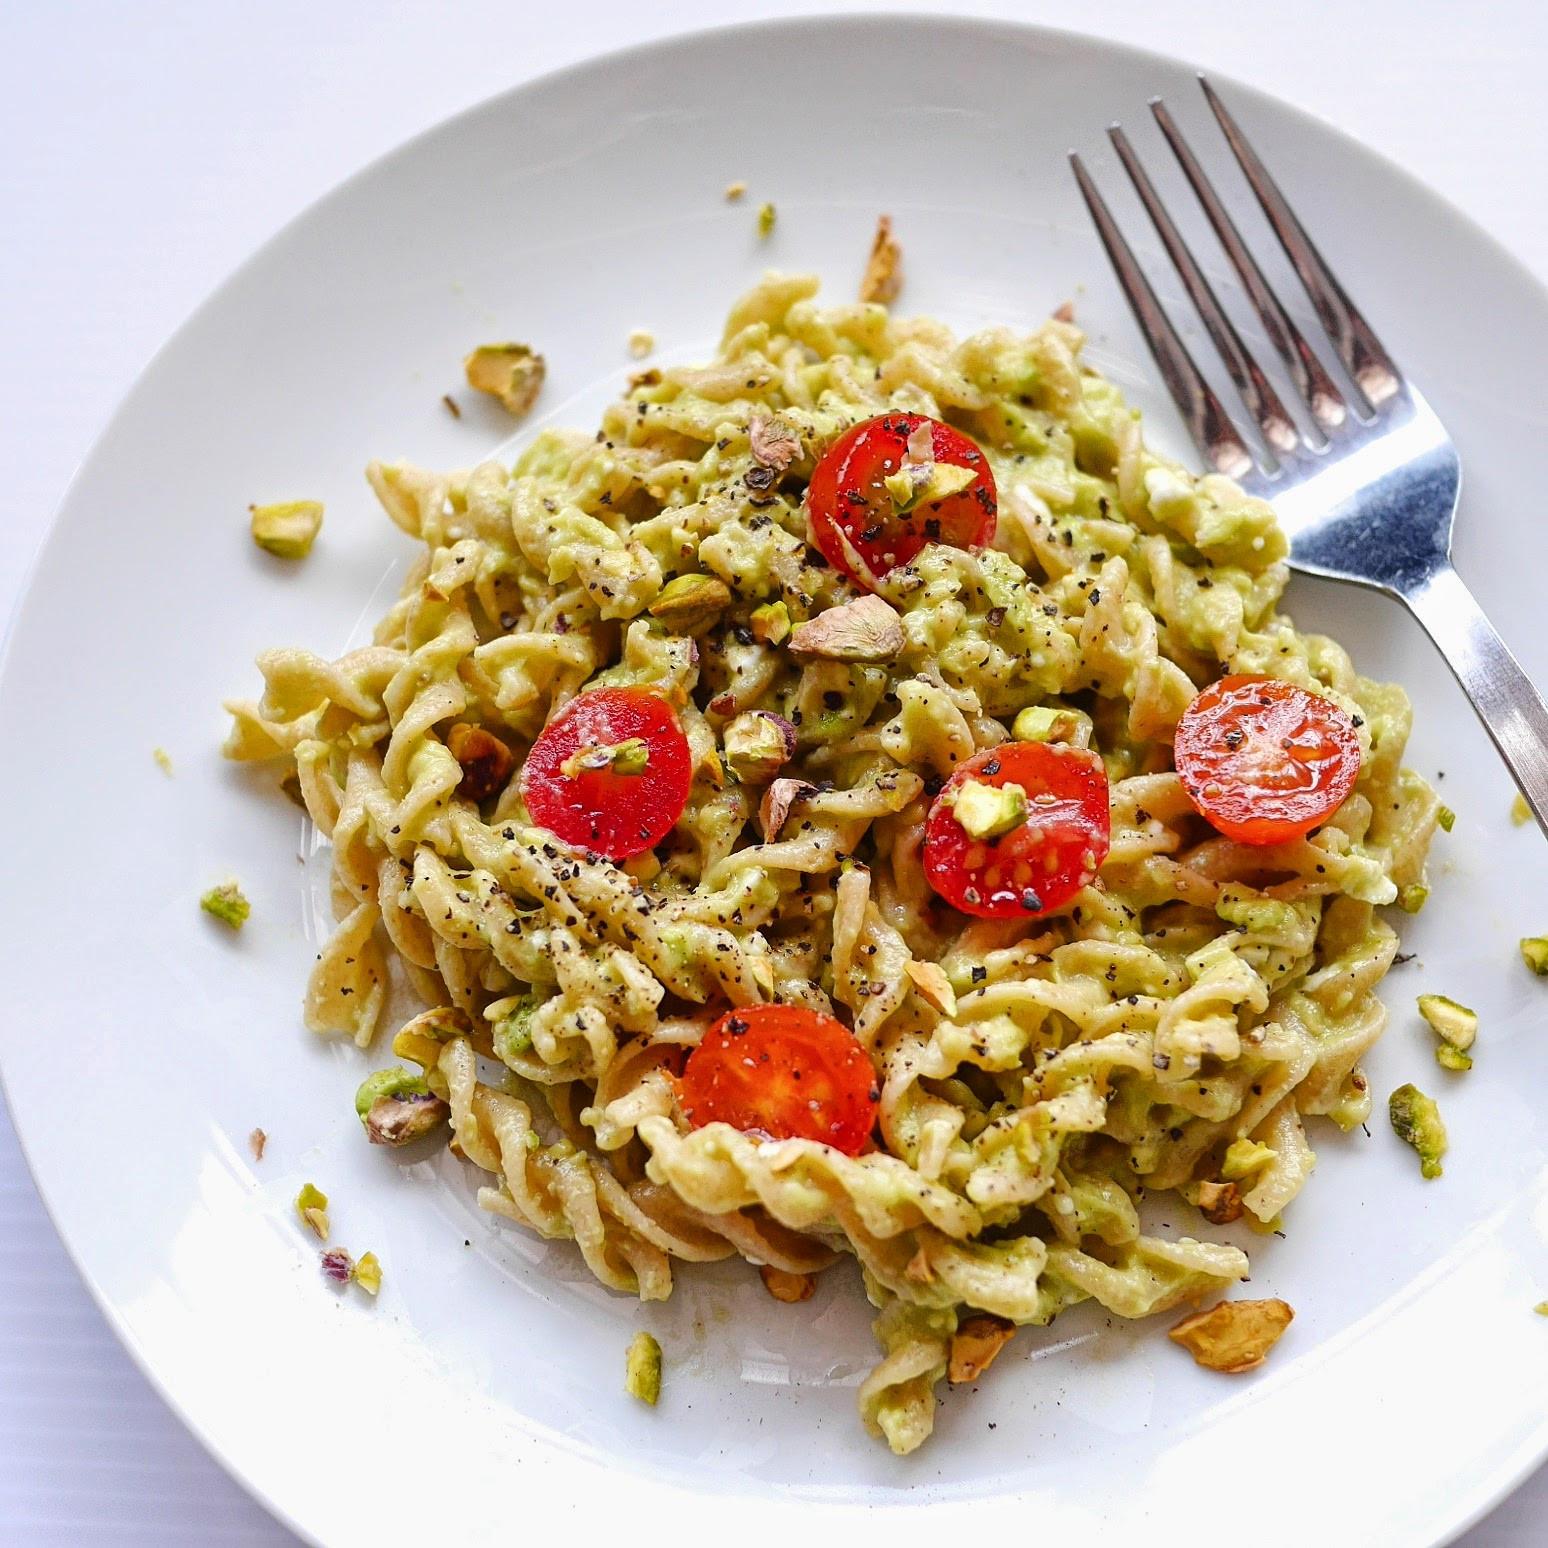 Is Quinoa Pasta Healthy  yellowfingers Recipe BoxGreen February Box Avocado